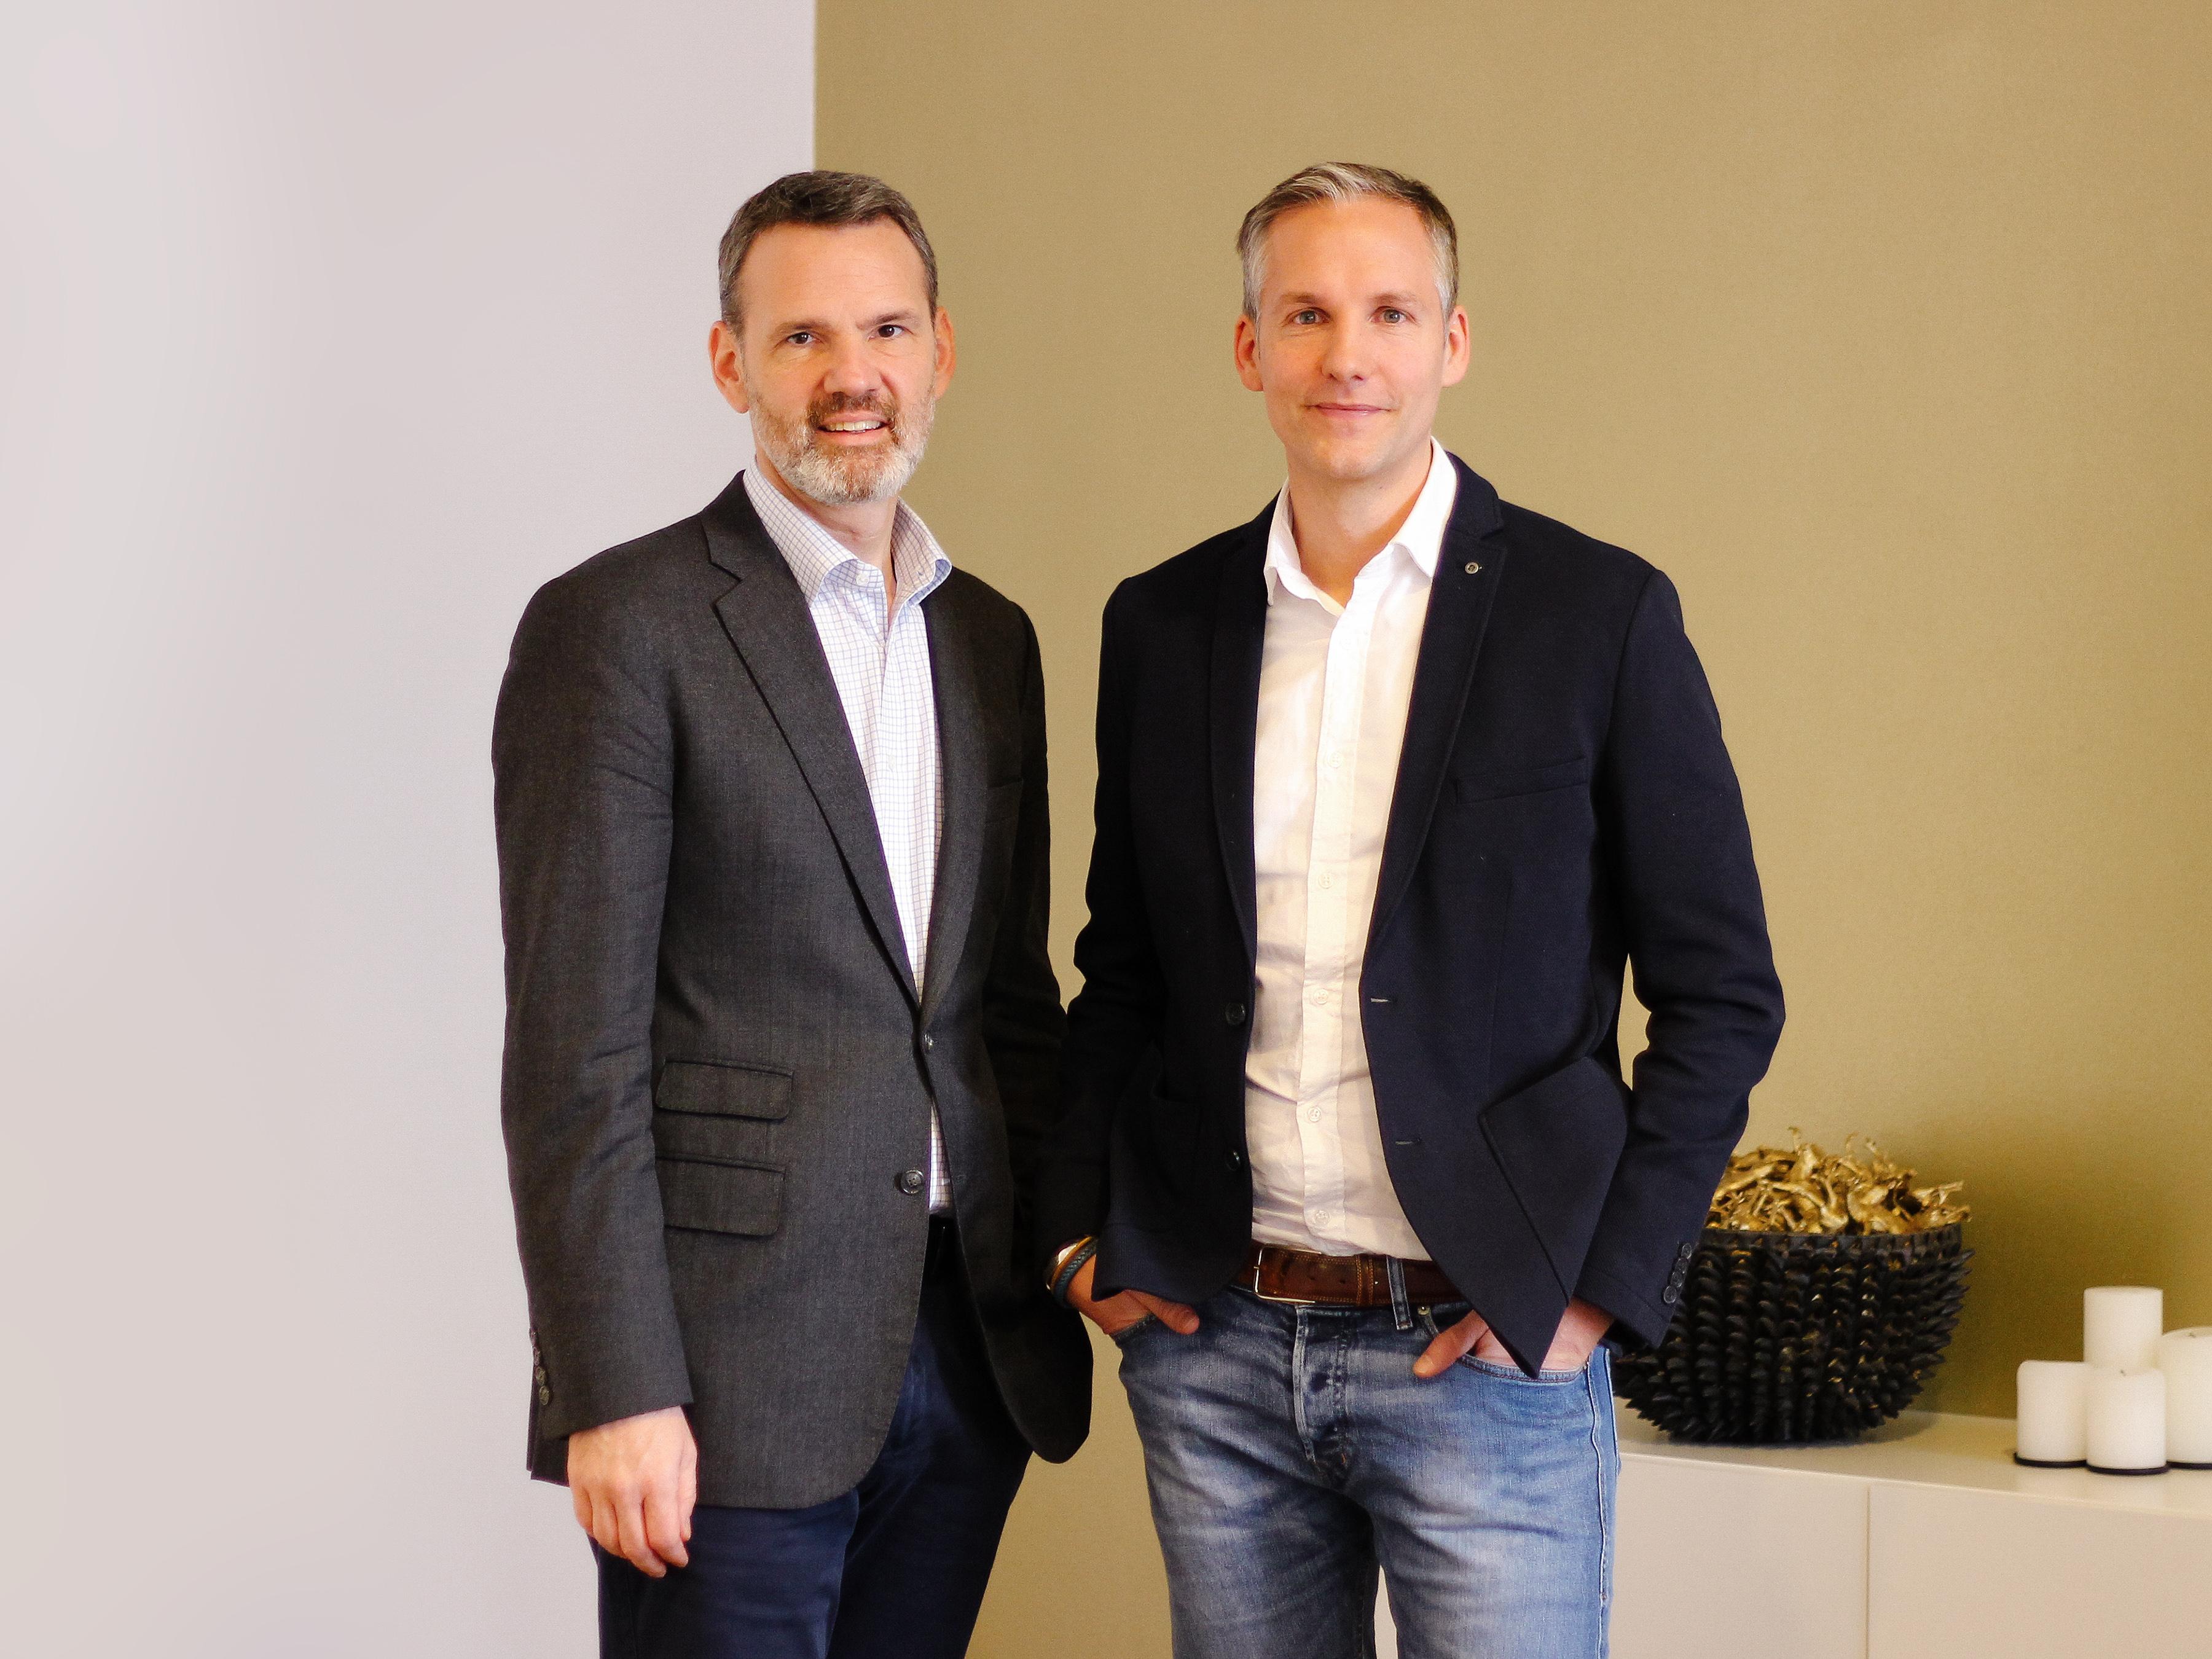 Feri Thierry (links) ist neuer Geschäftsführer bei 365 Sherpas in Wien, Herbert Rohrmair-Lewis widmet sich künftig wieder verstärkt Zum Goldenen Hirschen und bleibt Partner.